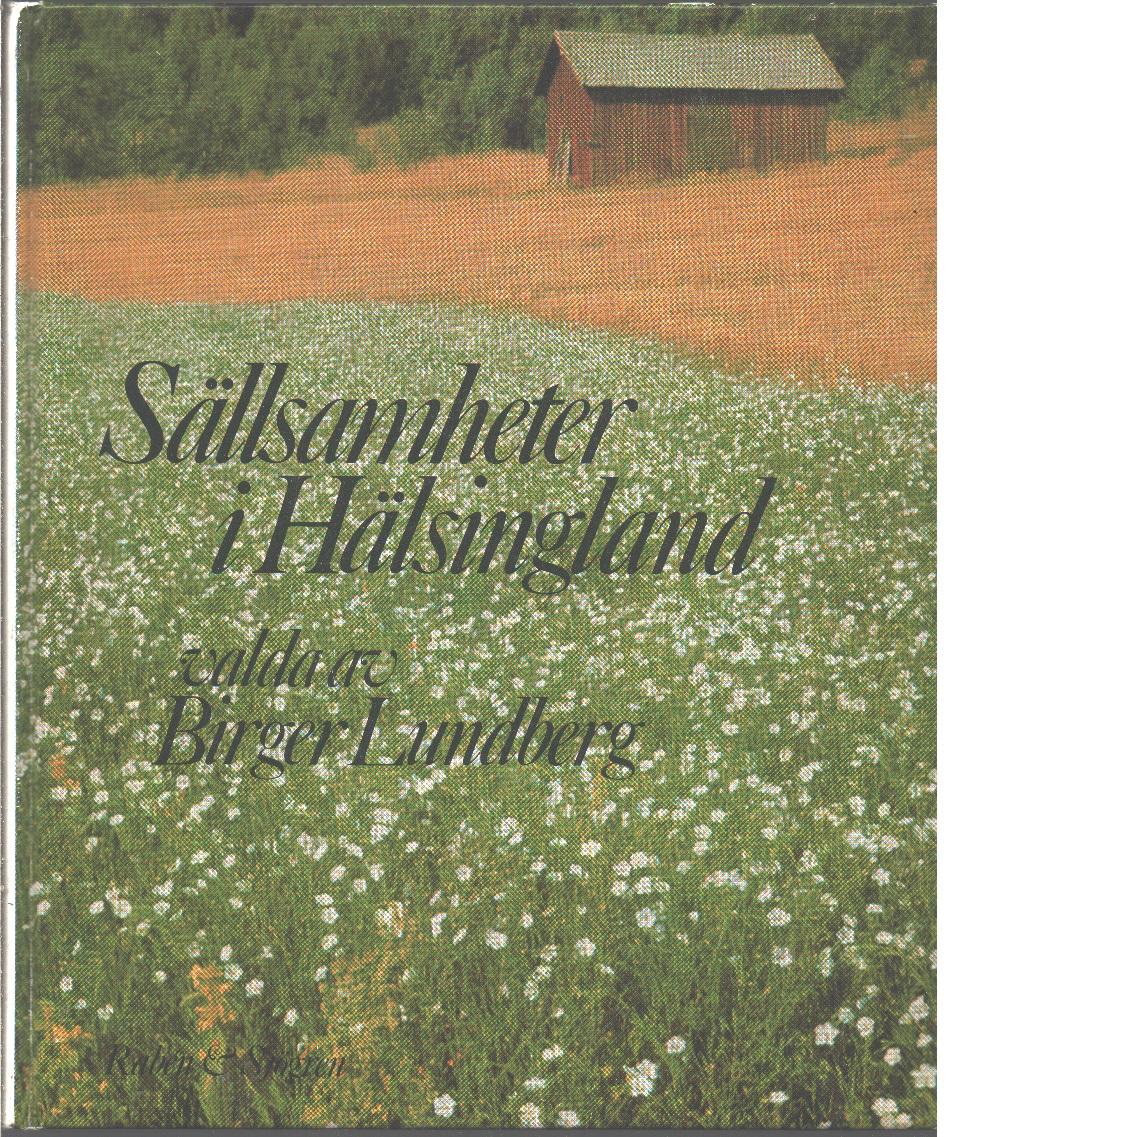 Sällsamheter i Hälsingland - Lundberg, Birger